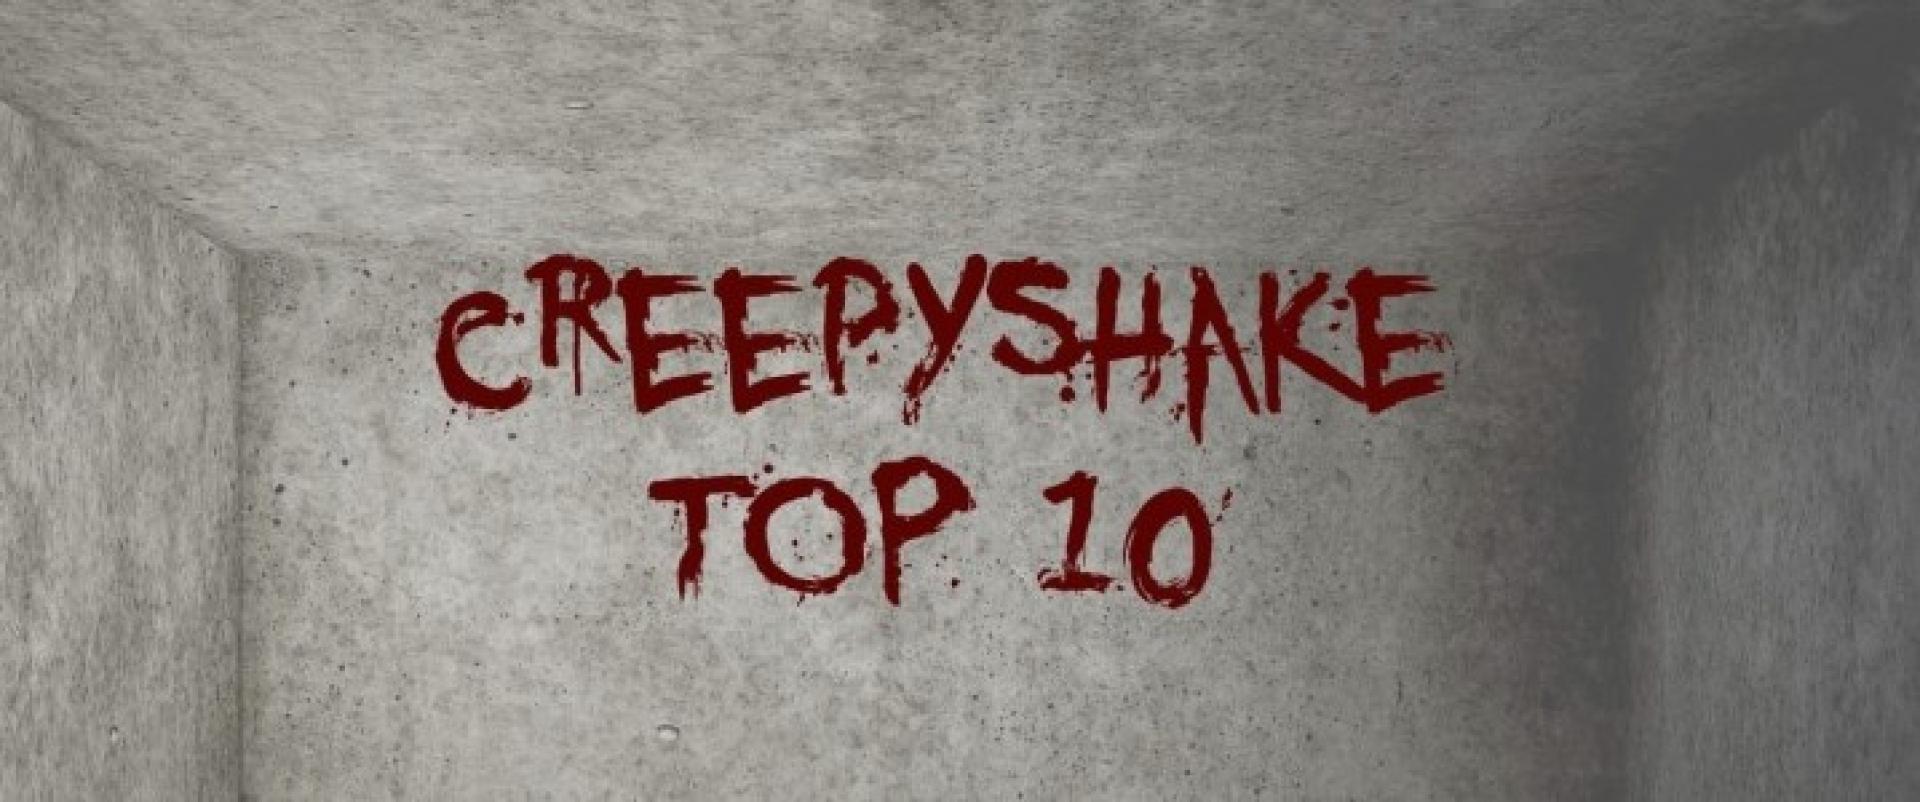 Szerkesztői top 10 (VII.)